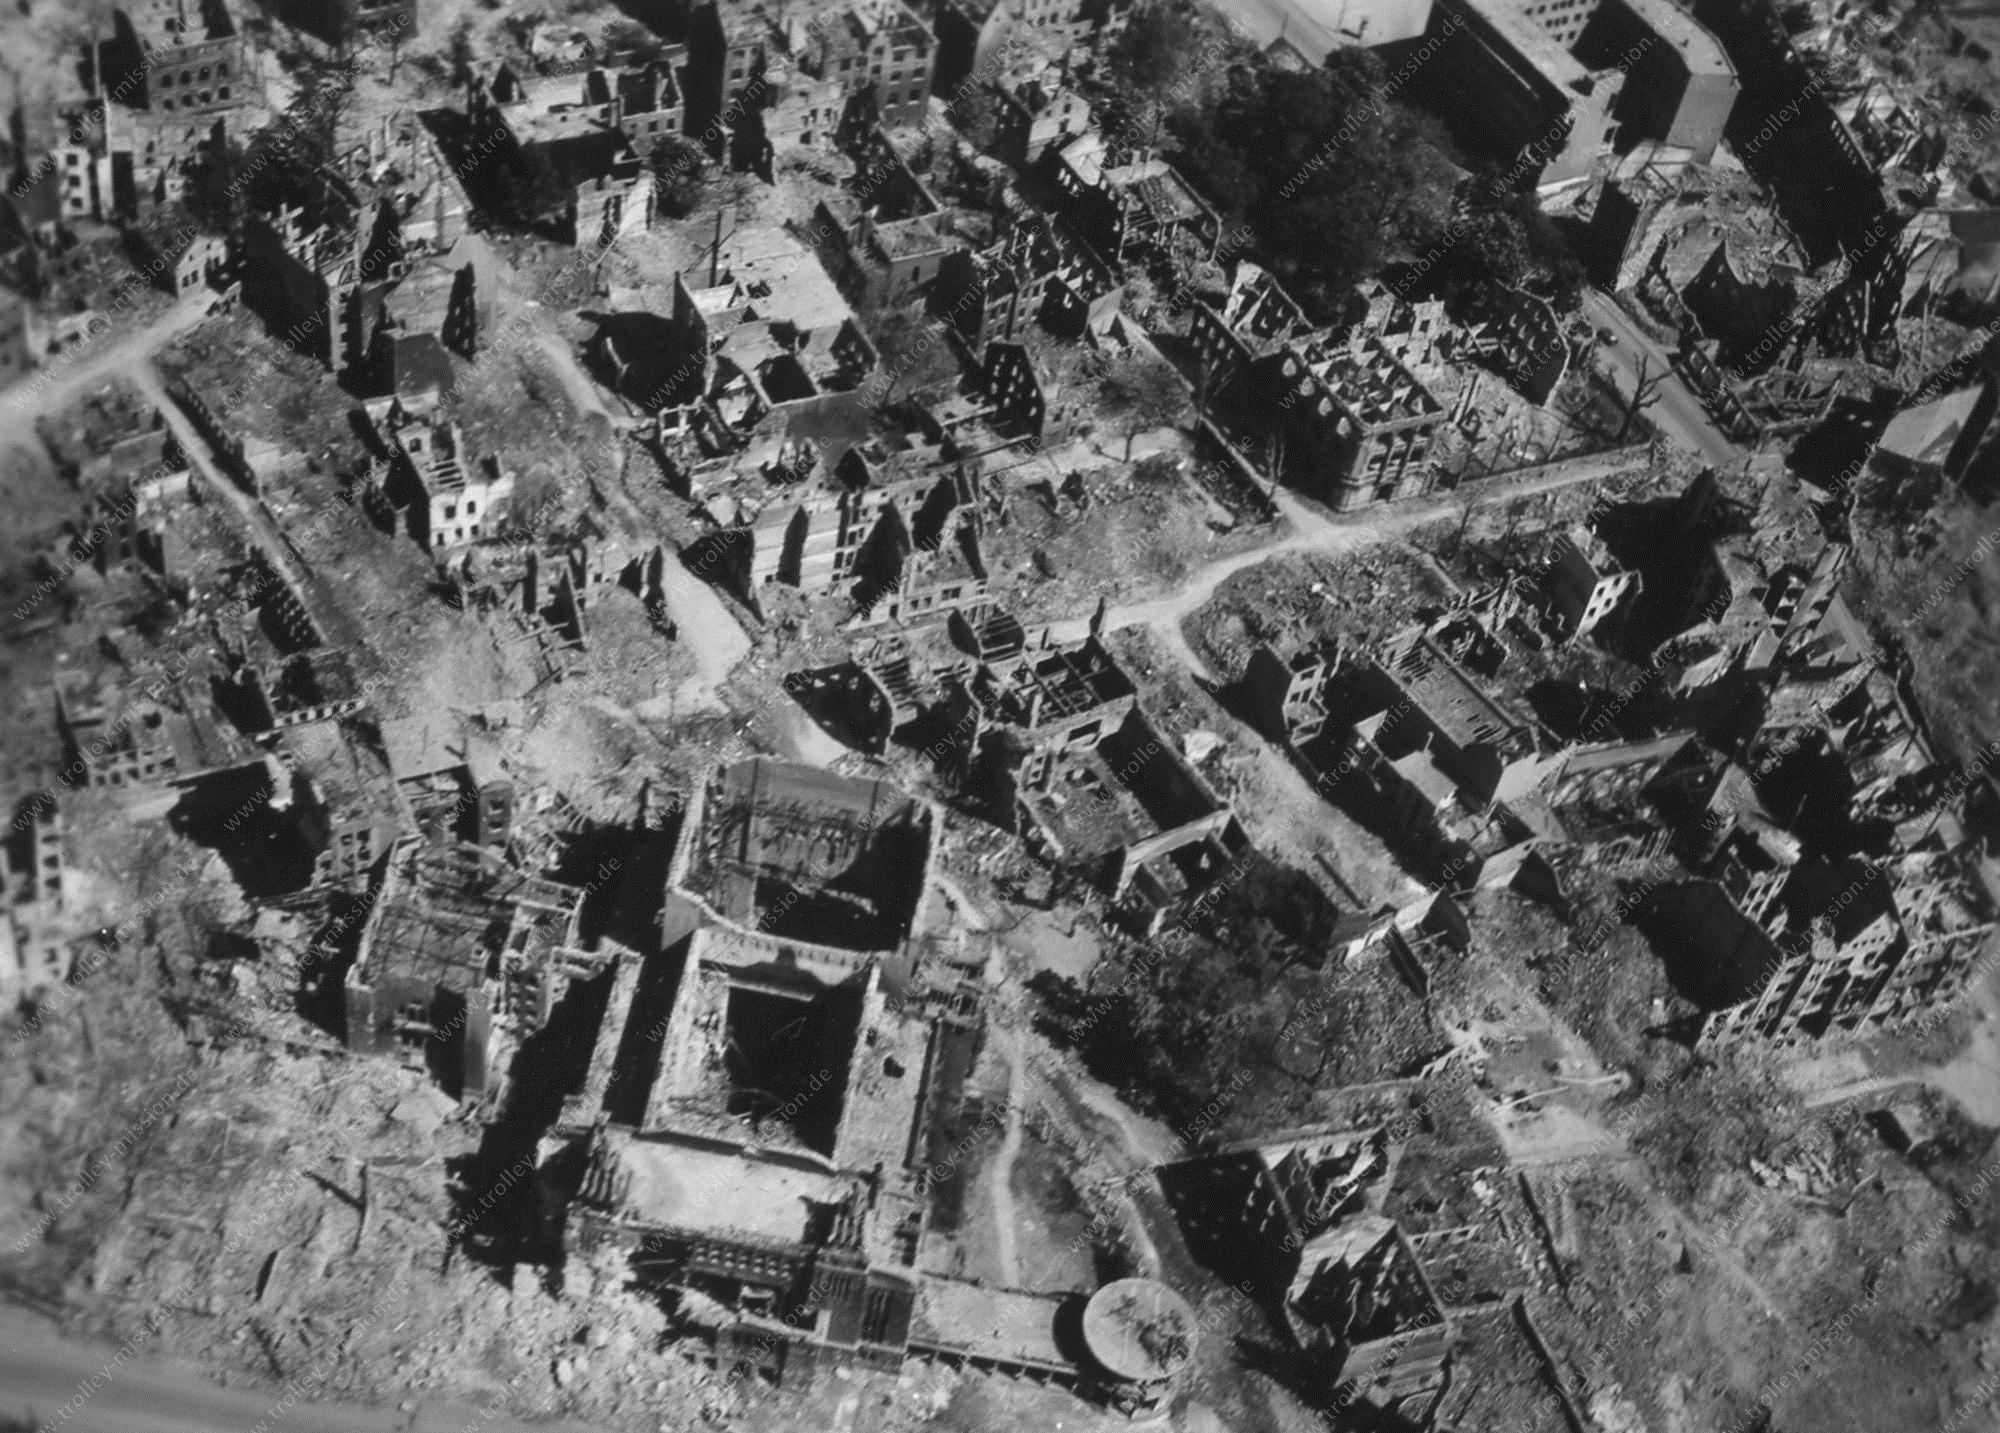 Luftbild Stadttheater Dortmund aus dem Zweiten Weltkrieg nach den Fliegerbombenangriffen